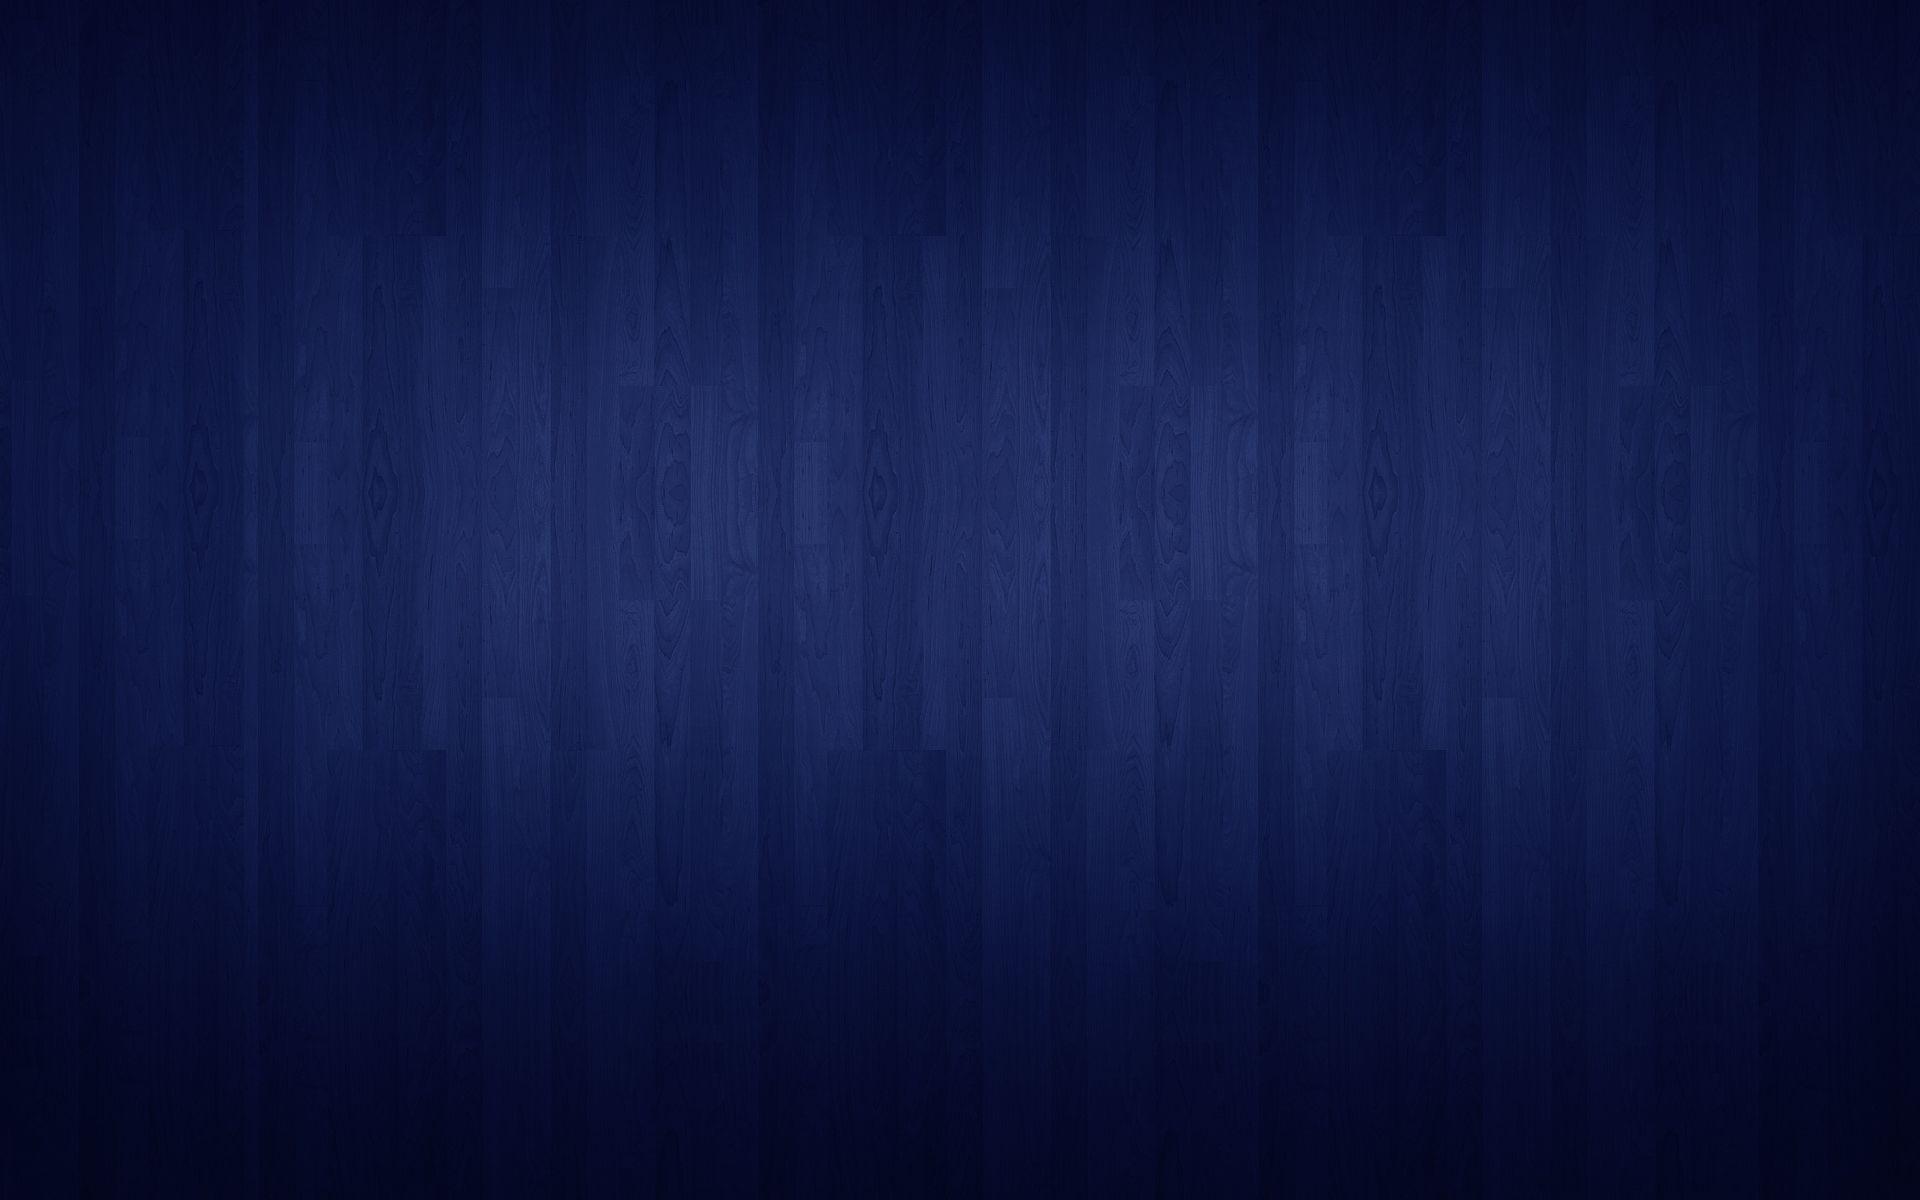 Image result for dark blue background Blue background